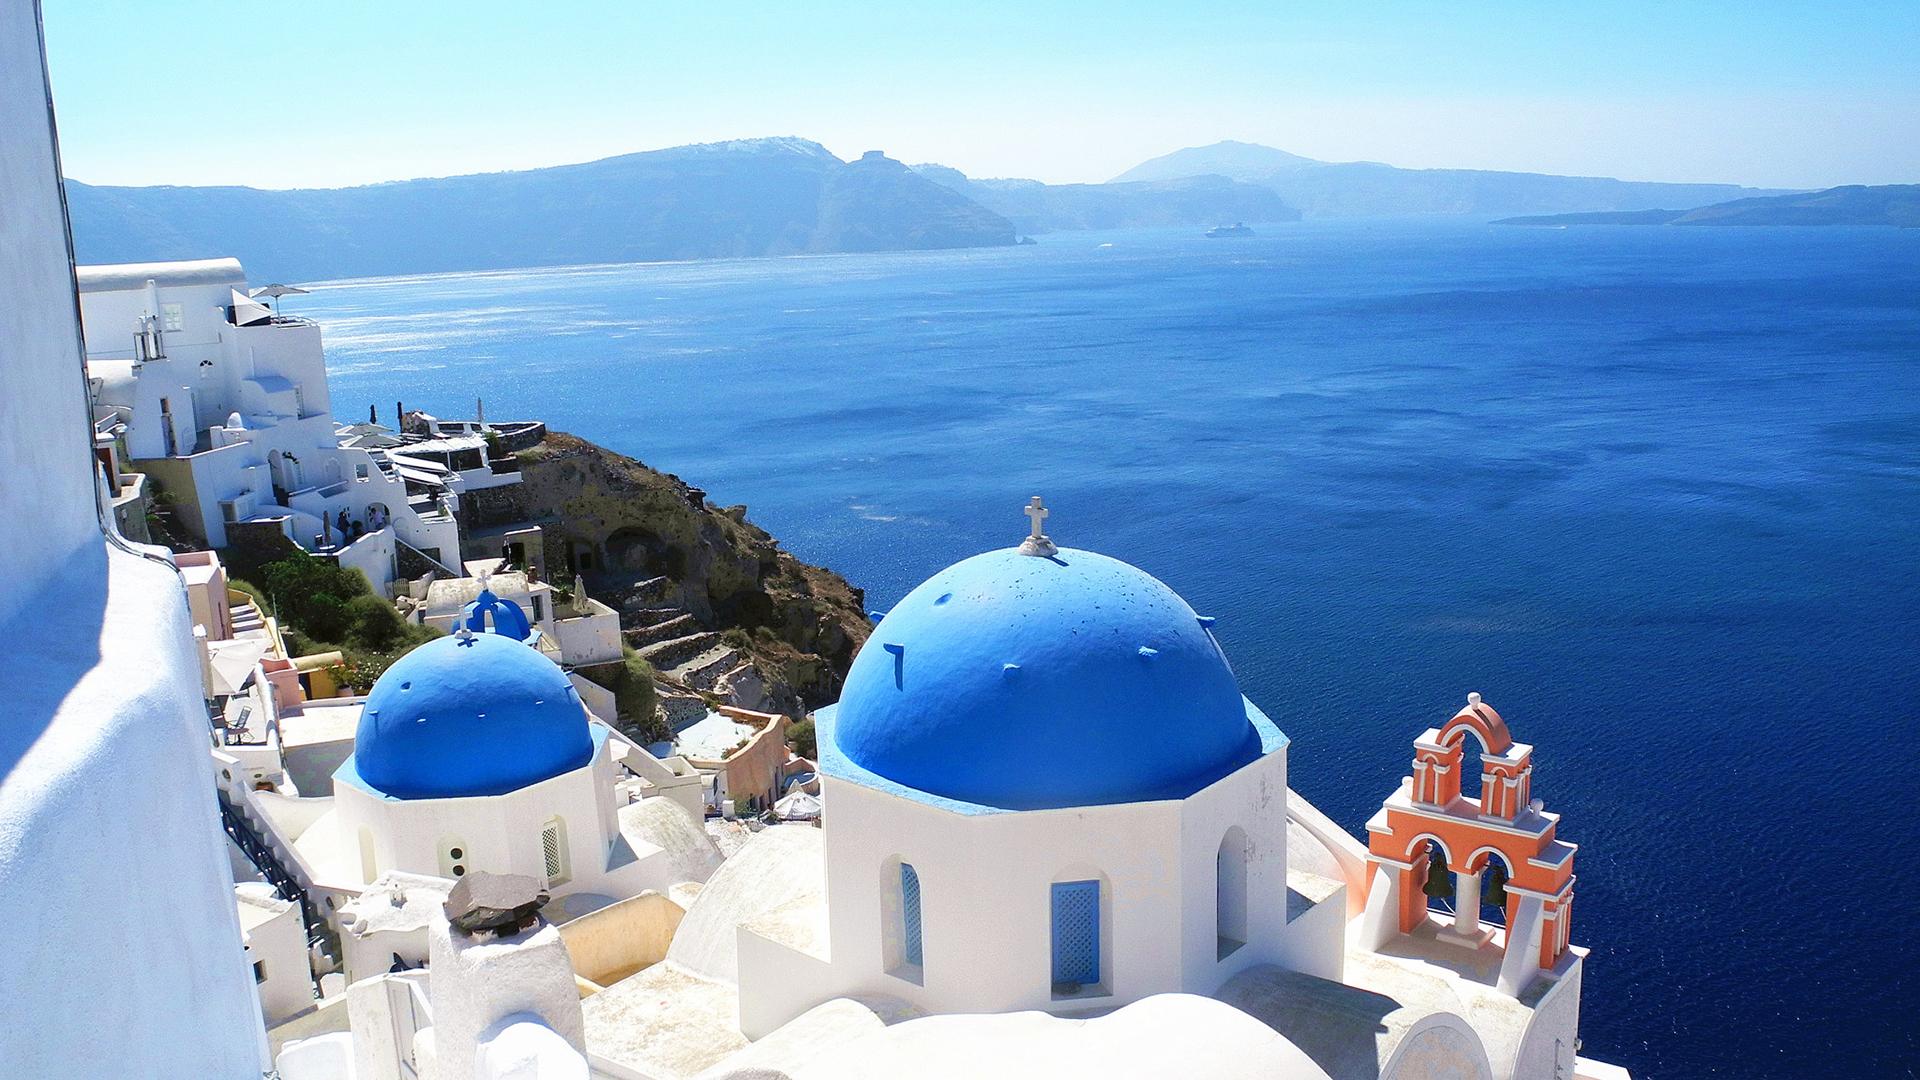 希腊移民创业经商所需要了解的内容有哪些呢?在希腊注册公司怎么样呢?